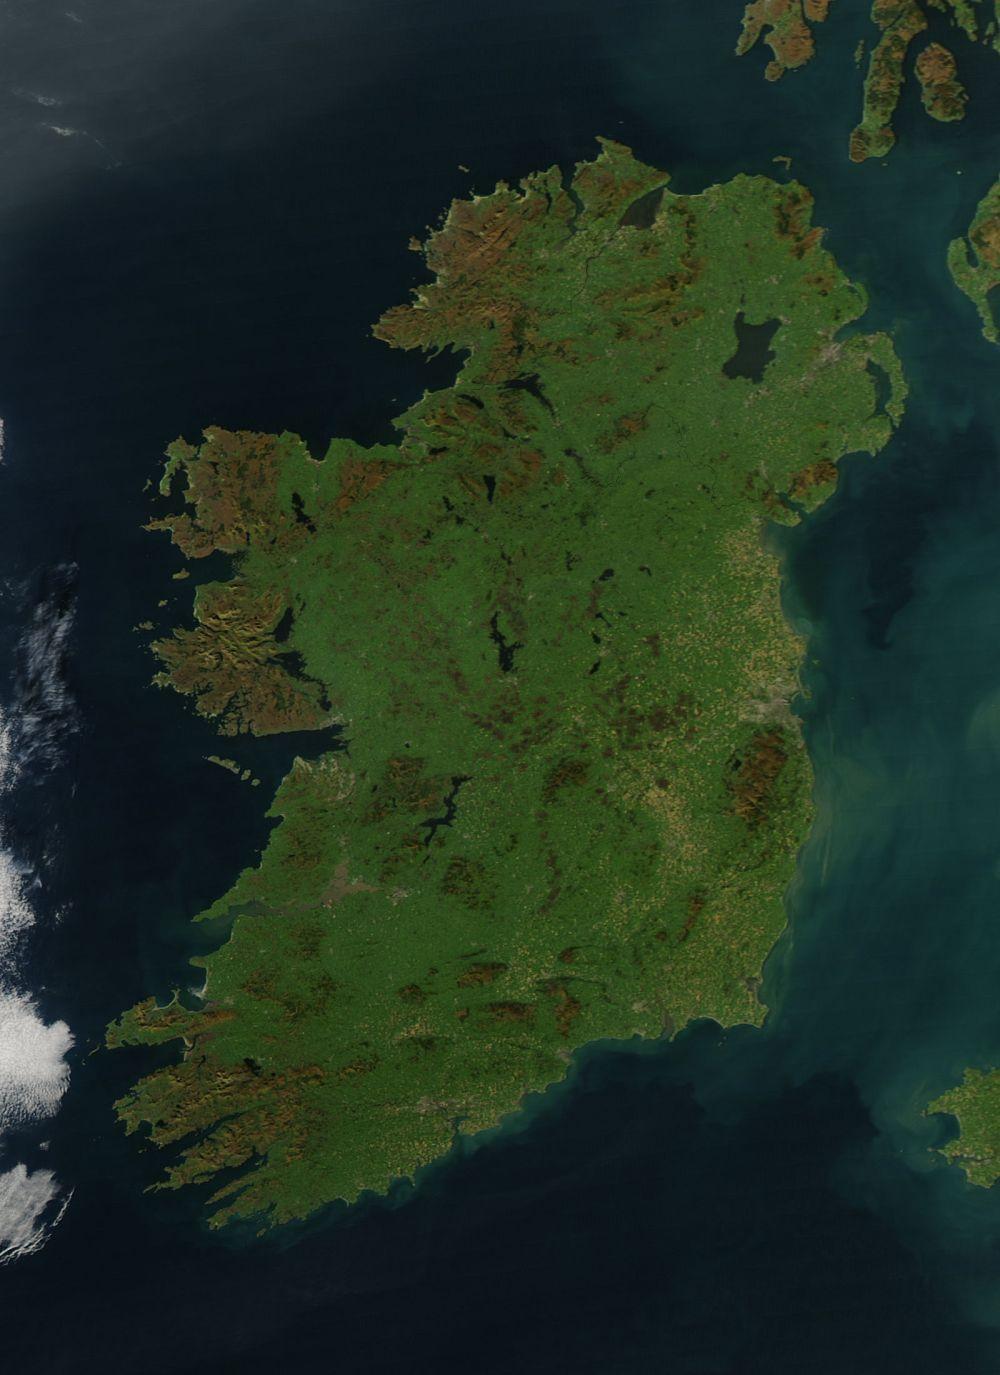 Ireland_amo_2010284_lrg